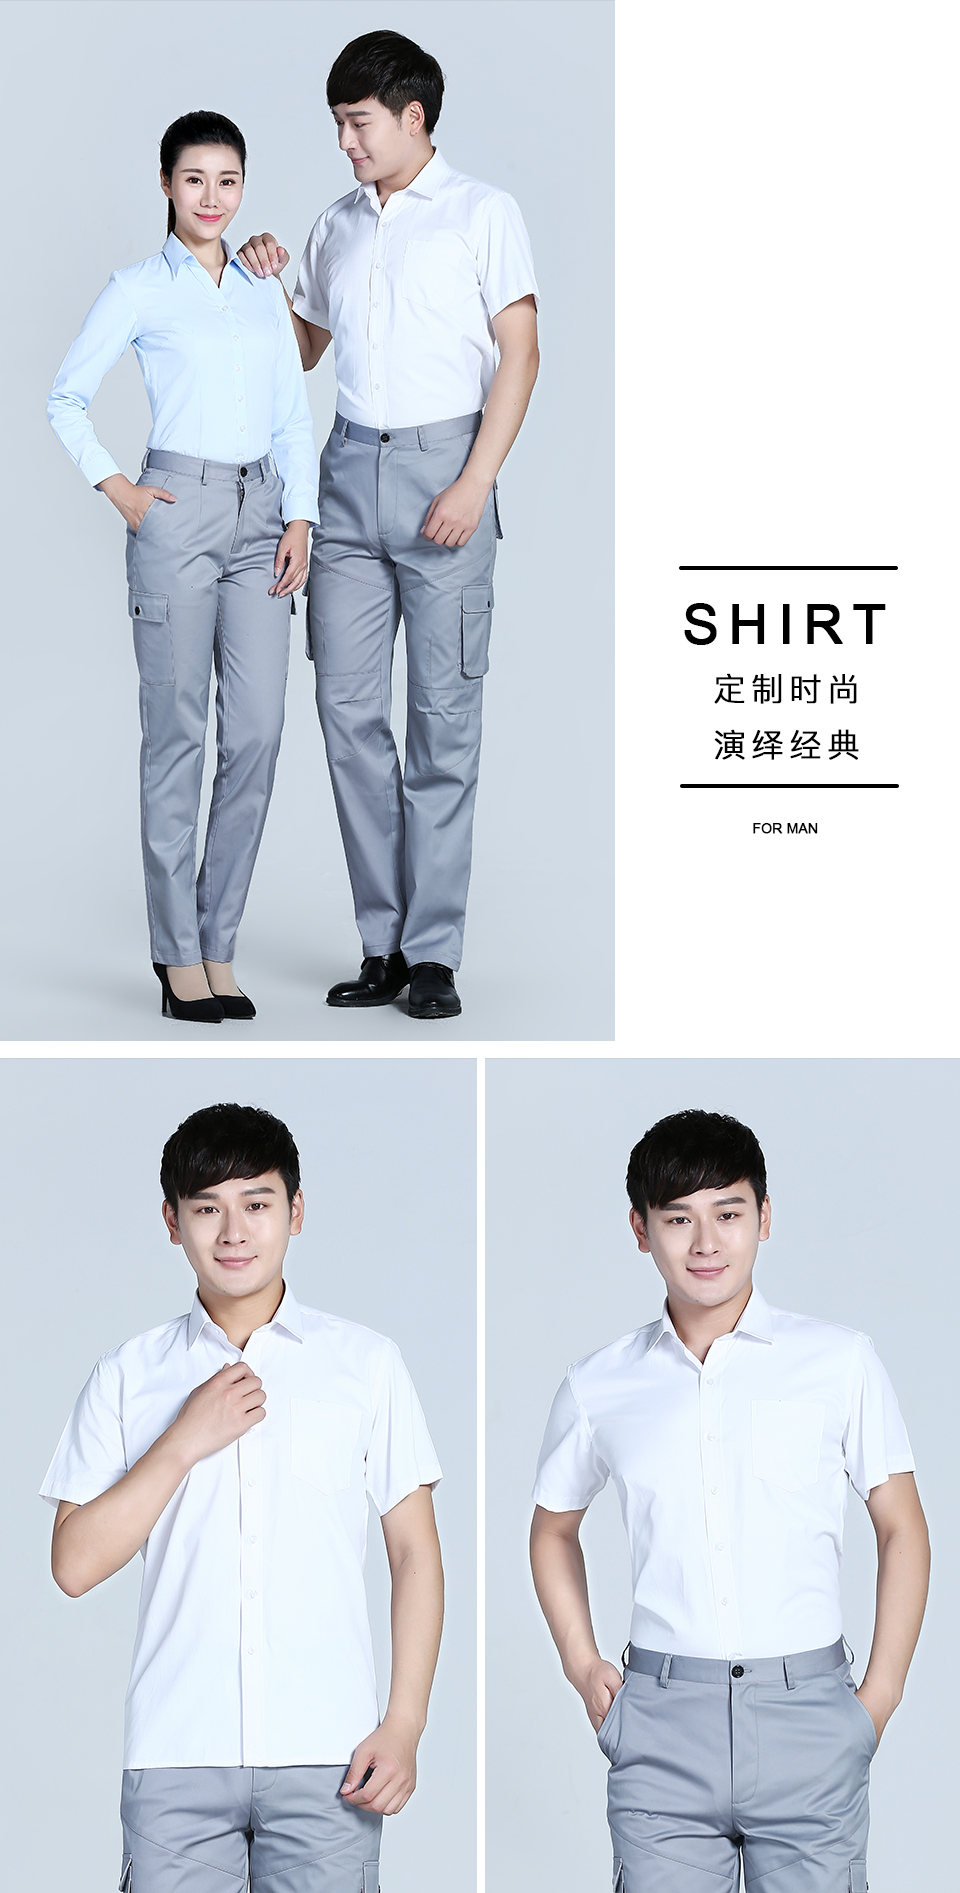 2019新款全棉白色短袖衬衫